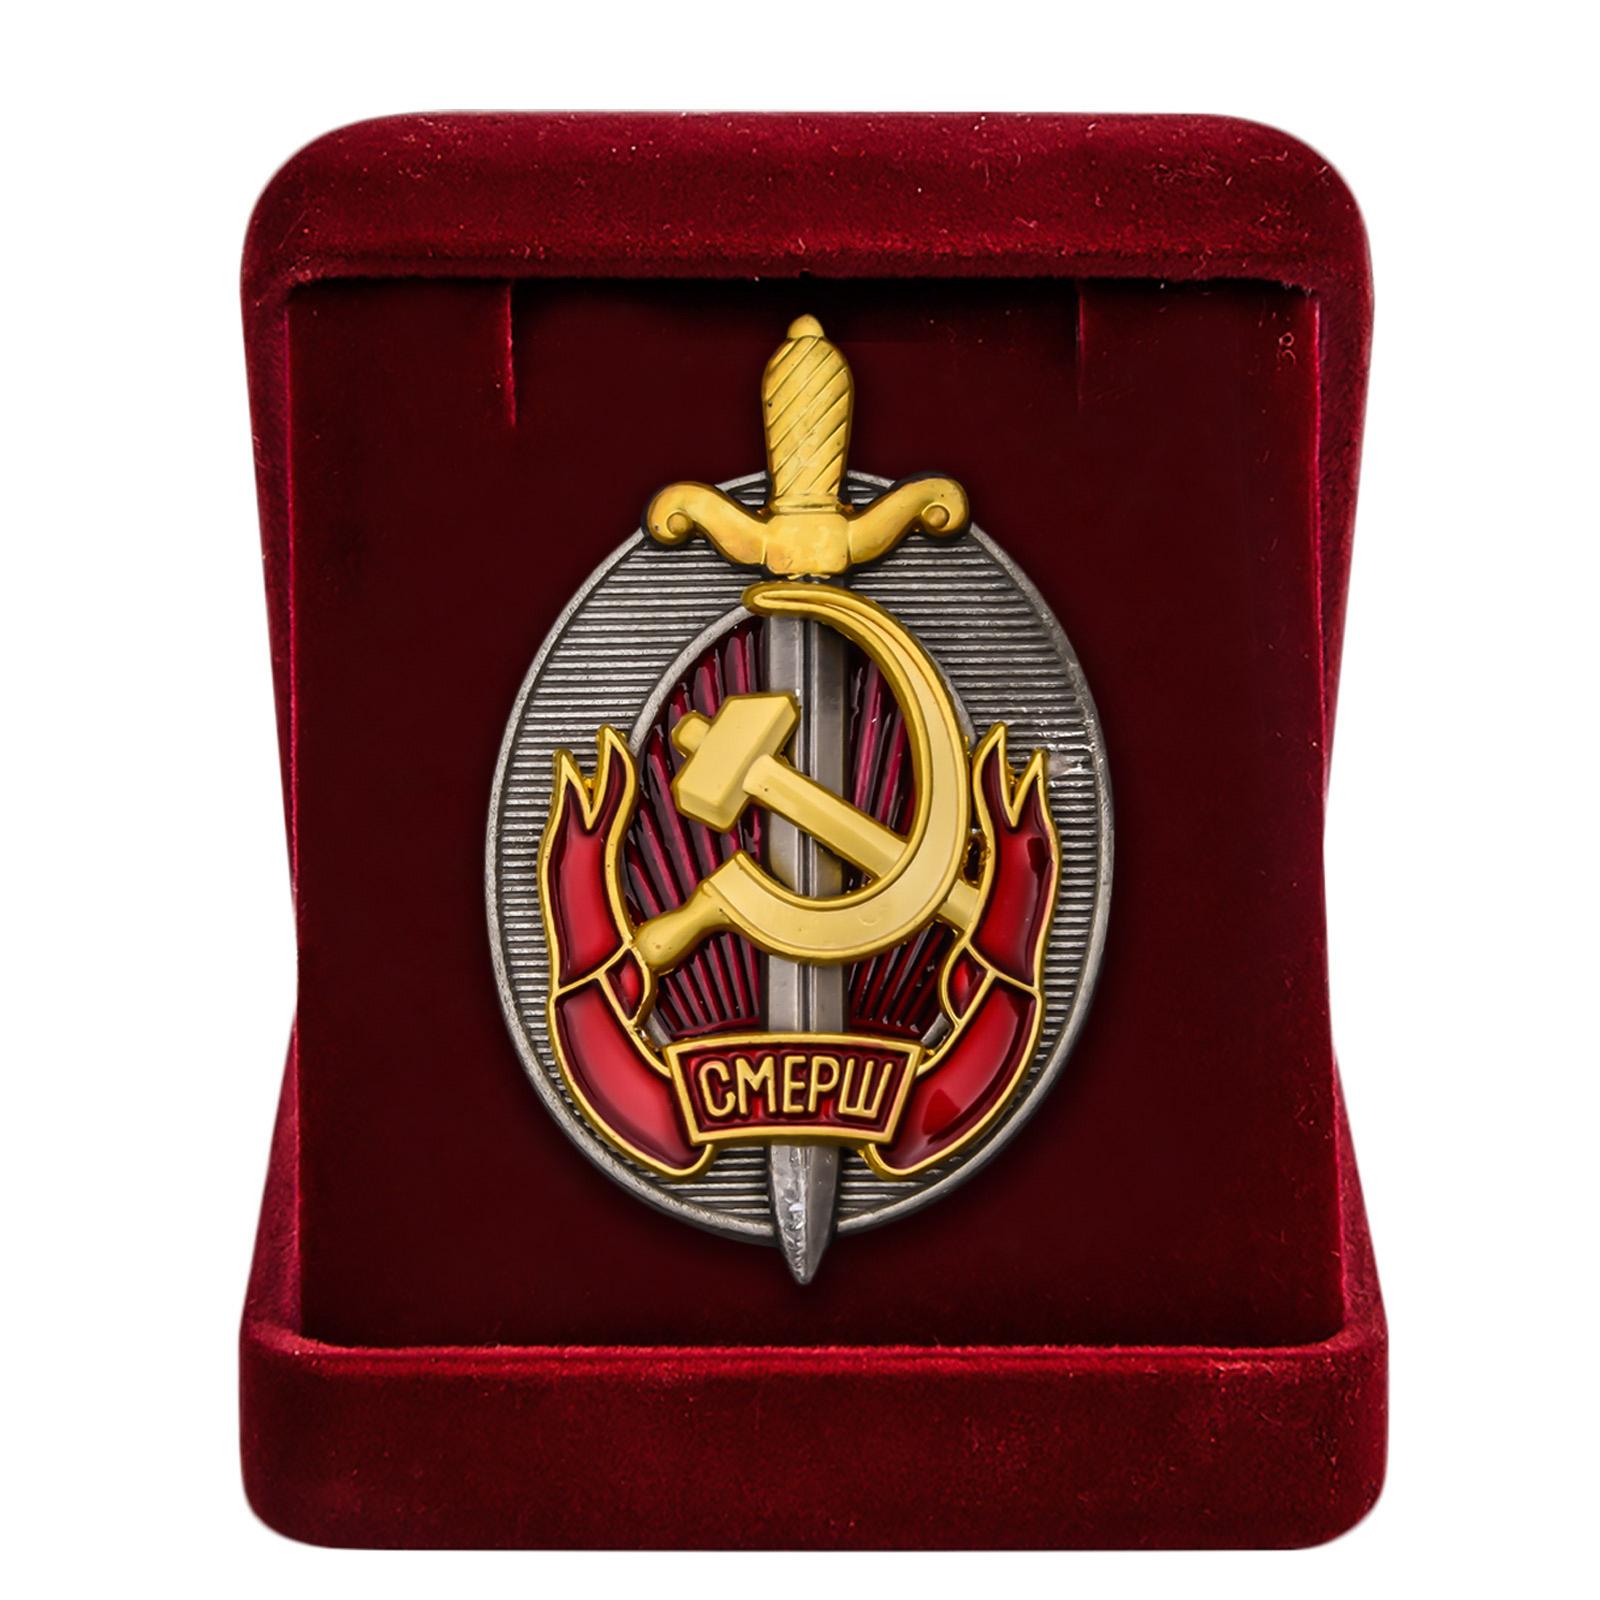 Купить наградной знак Заслуженный работник СМЕРШ по специальной цене